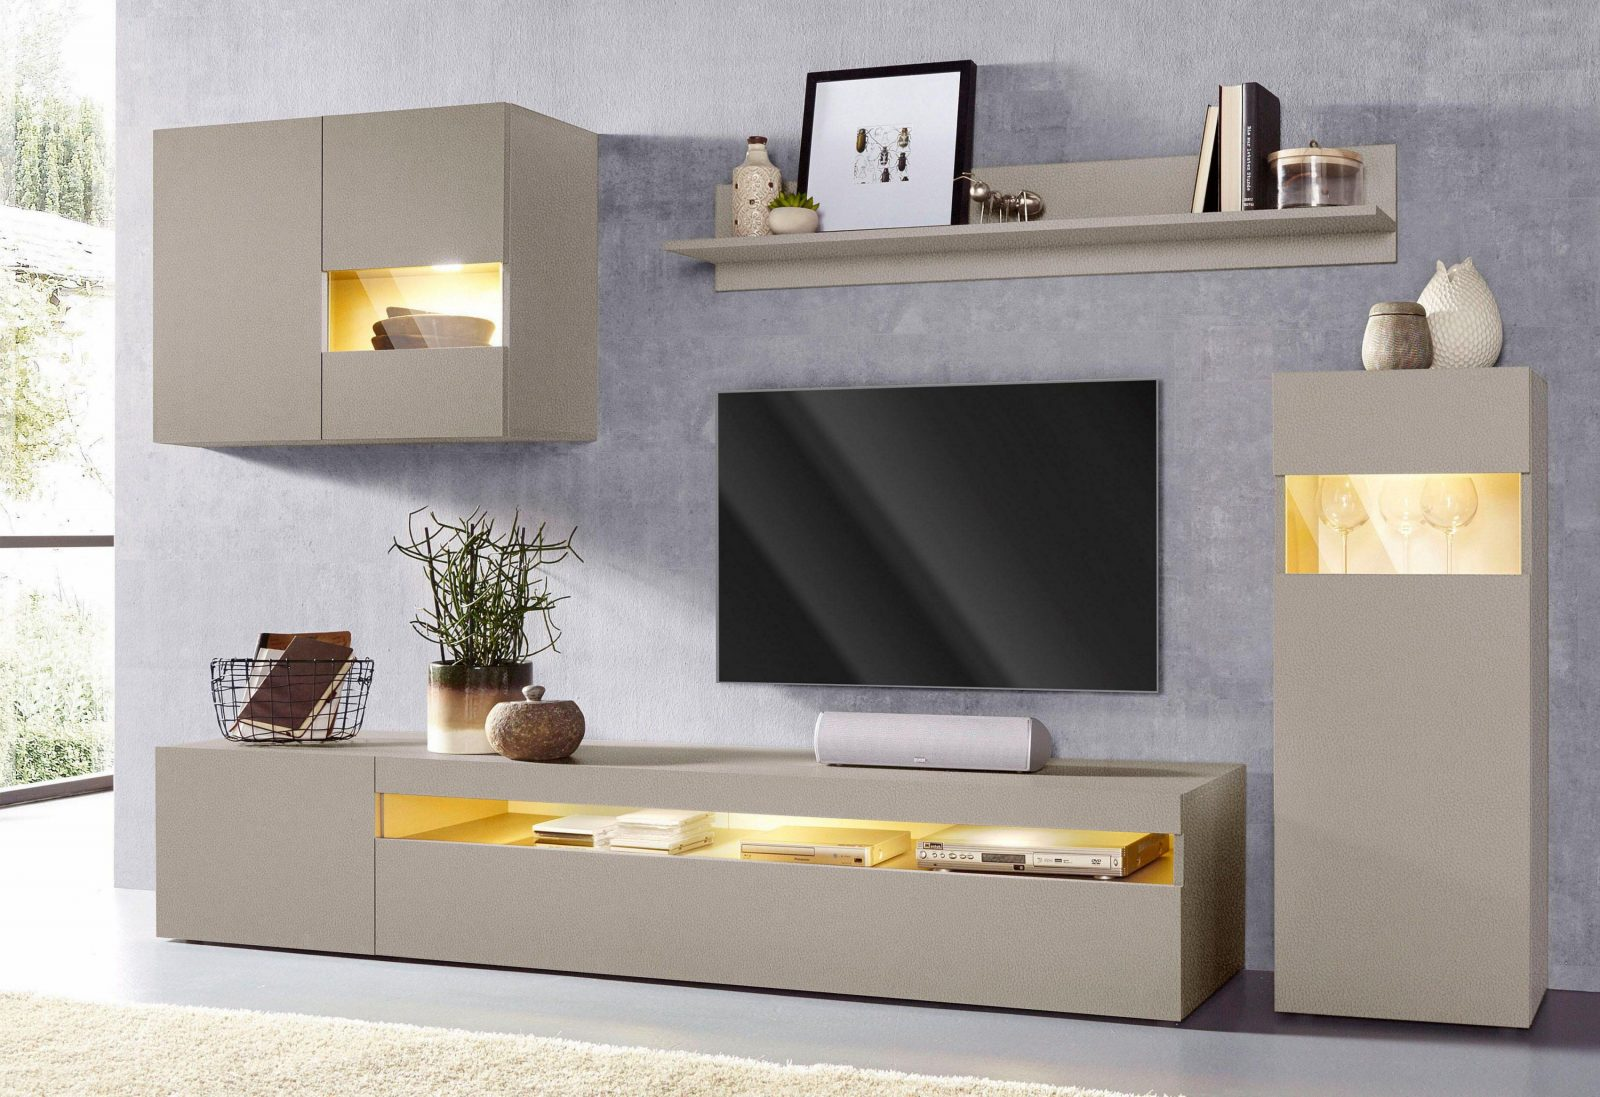 mbel auf rechnung ohne awesome mbel auf rechnung auch fr neukunden mbel auf raten ohne with. Black Bedroom Furniture Sets. Home Design Ideas